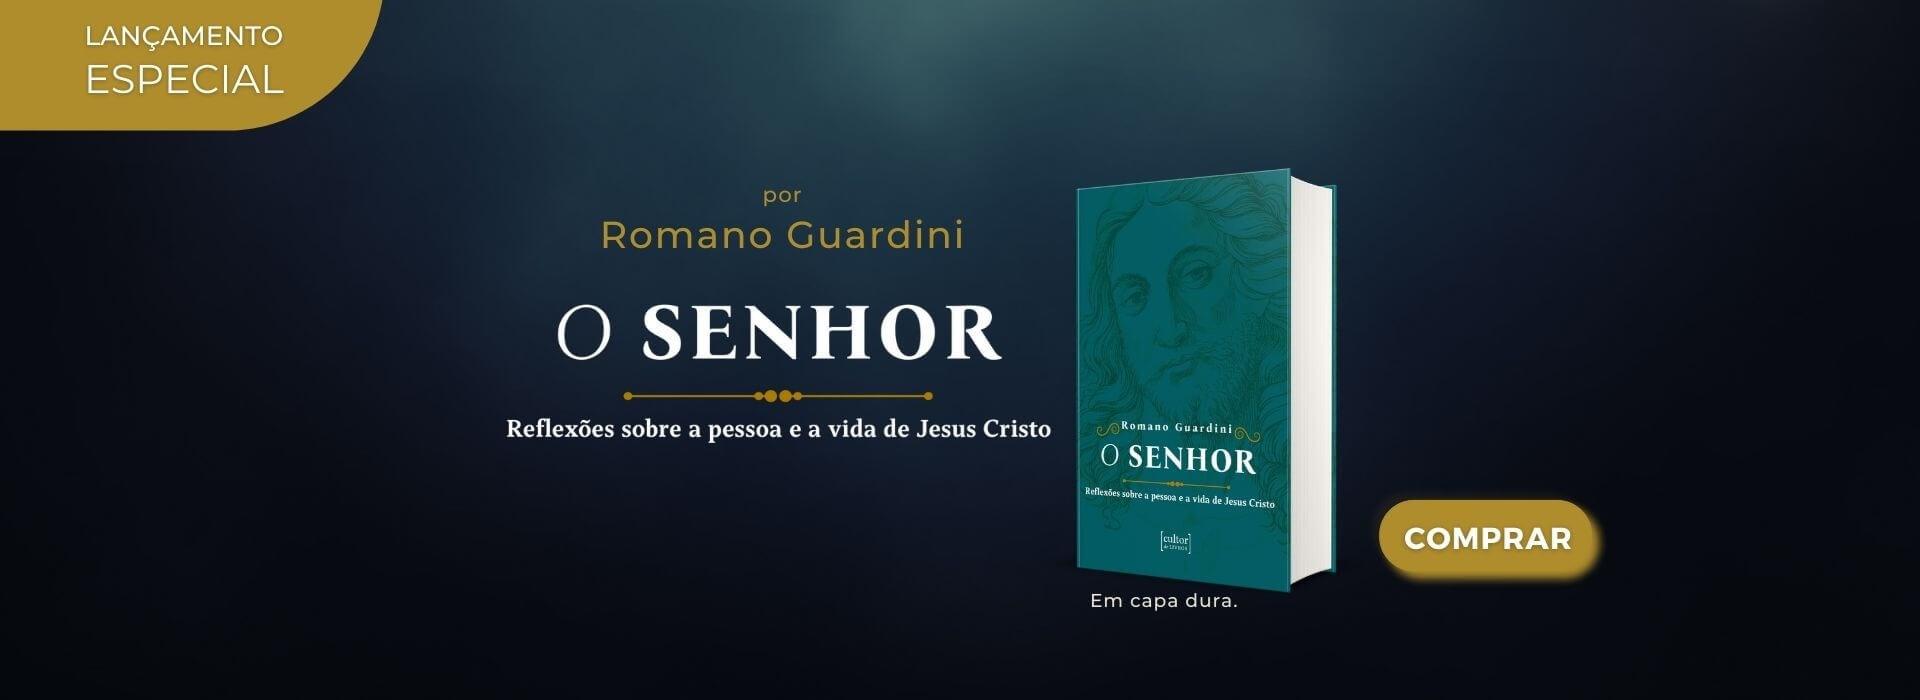 O Senhor reflexões sobre a pessoa e a vida de Jesus Cristo